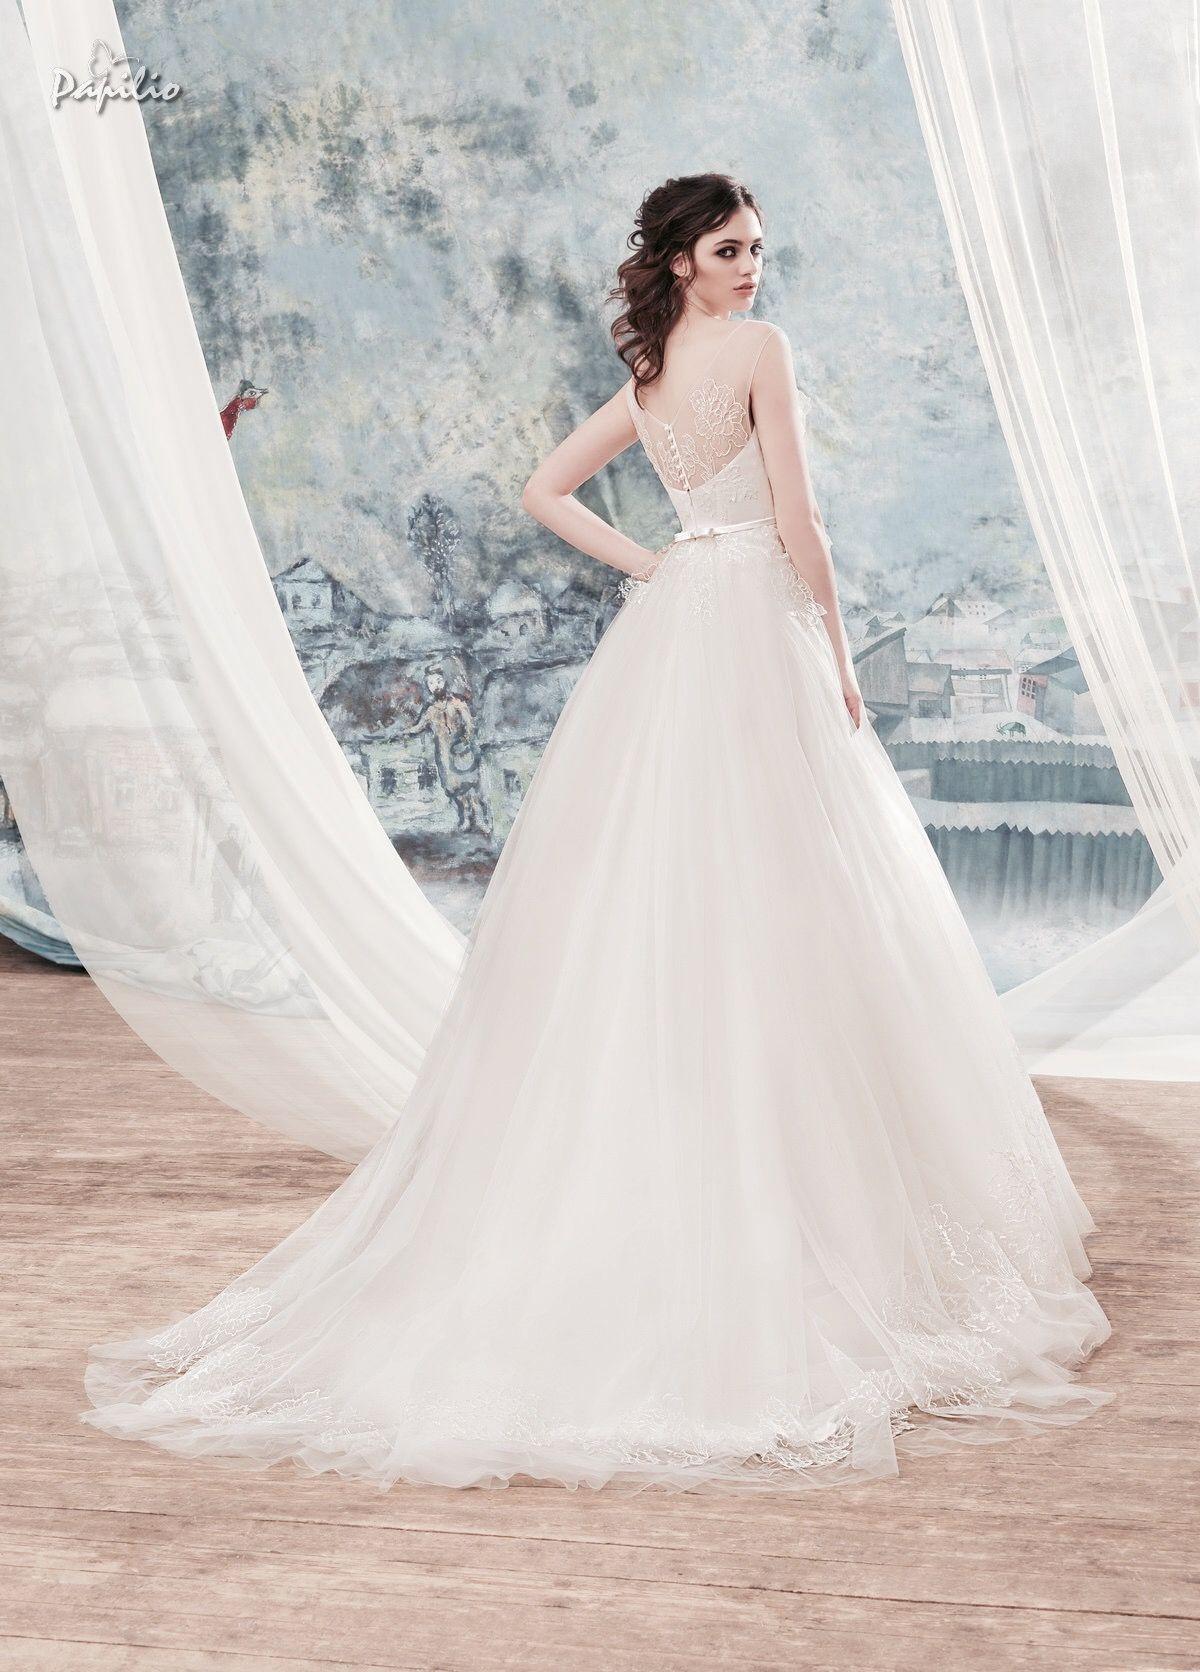 d662432cffc9 Papilio wedding dresses www.istoriesgamou.gr Νυφικα 2018 ρομαντικα νυφικα  νυφικα με